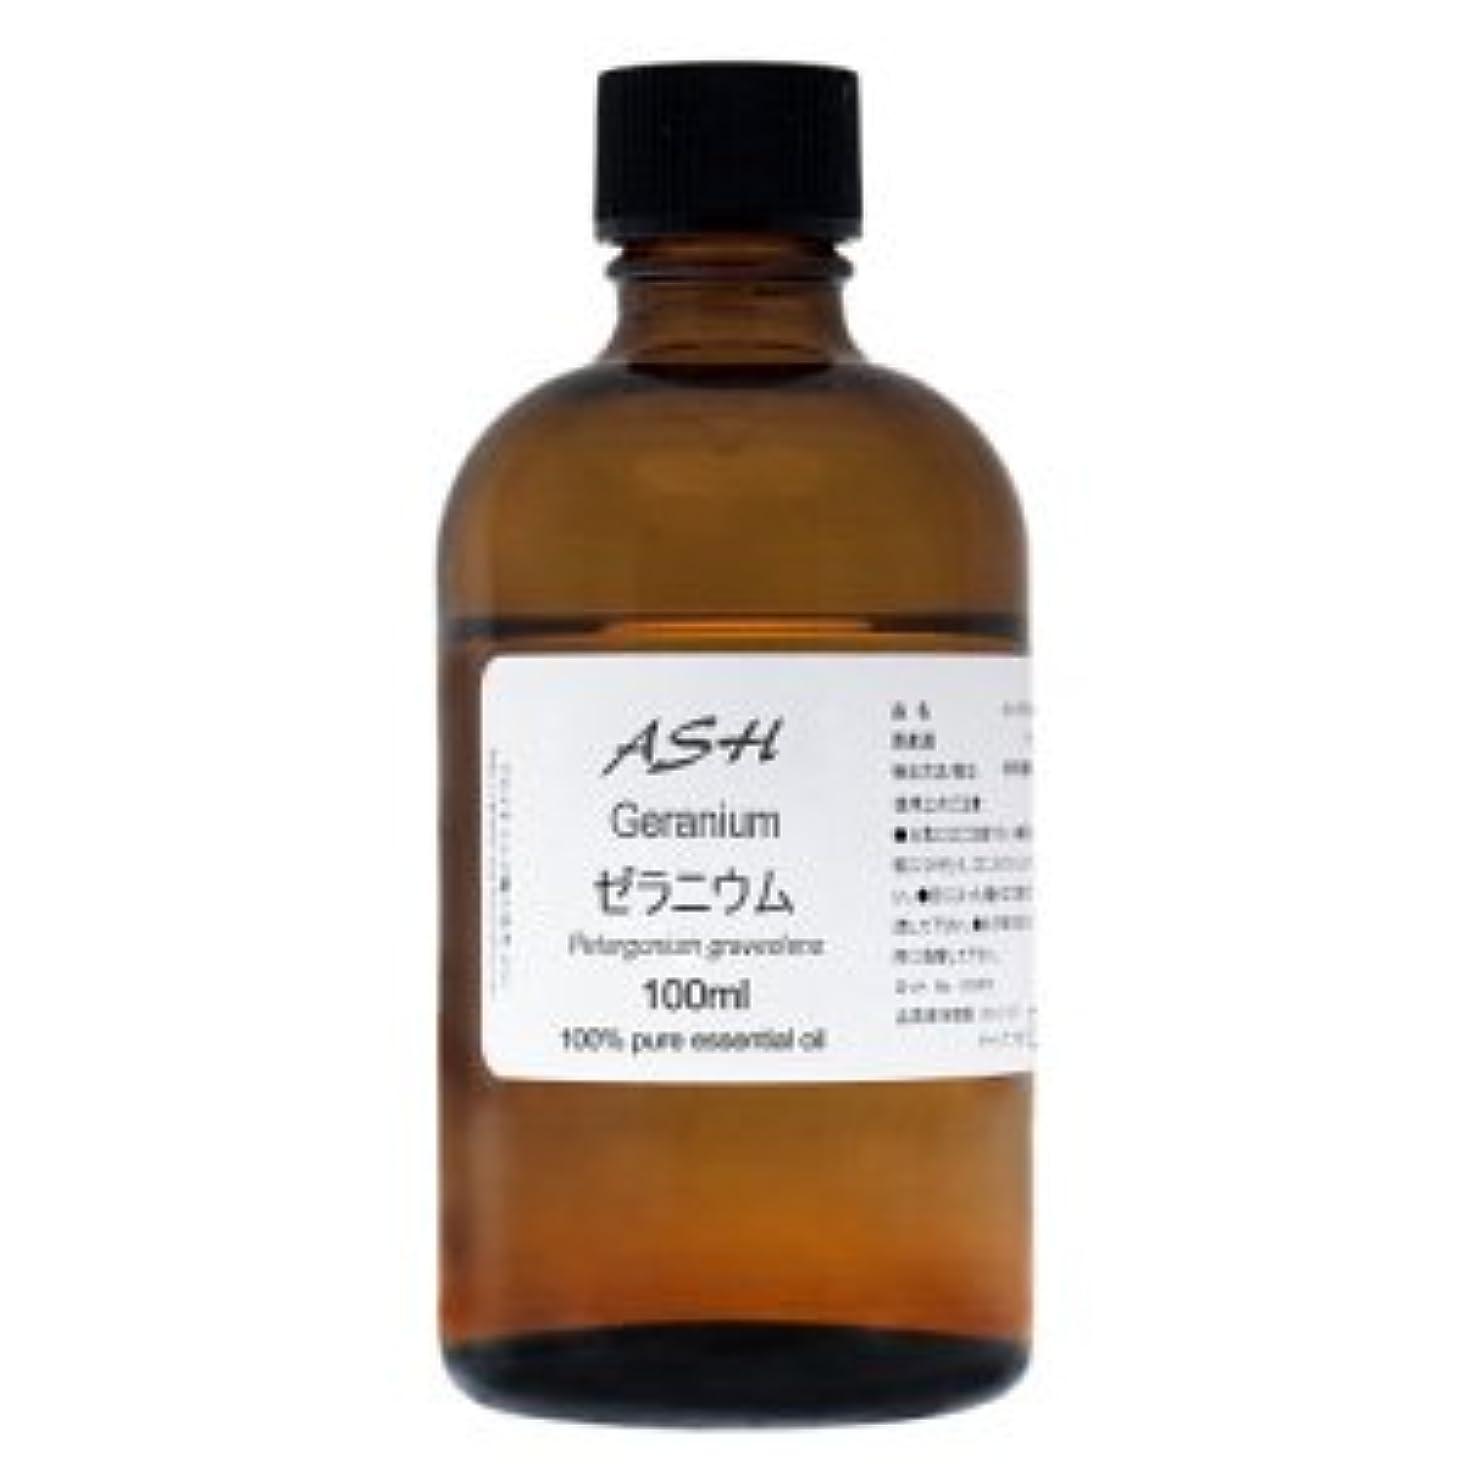 ネット分離する後方にASH ゼラニウム エッセンシャルオイル 100ml AEAJ表示基準適合認定精油